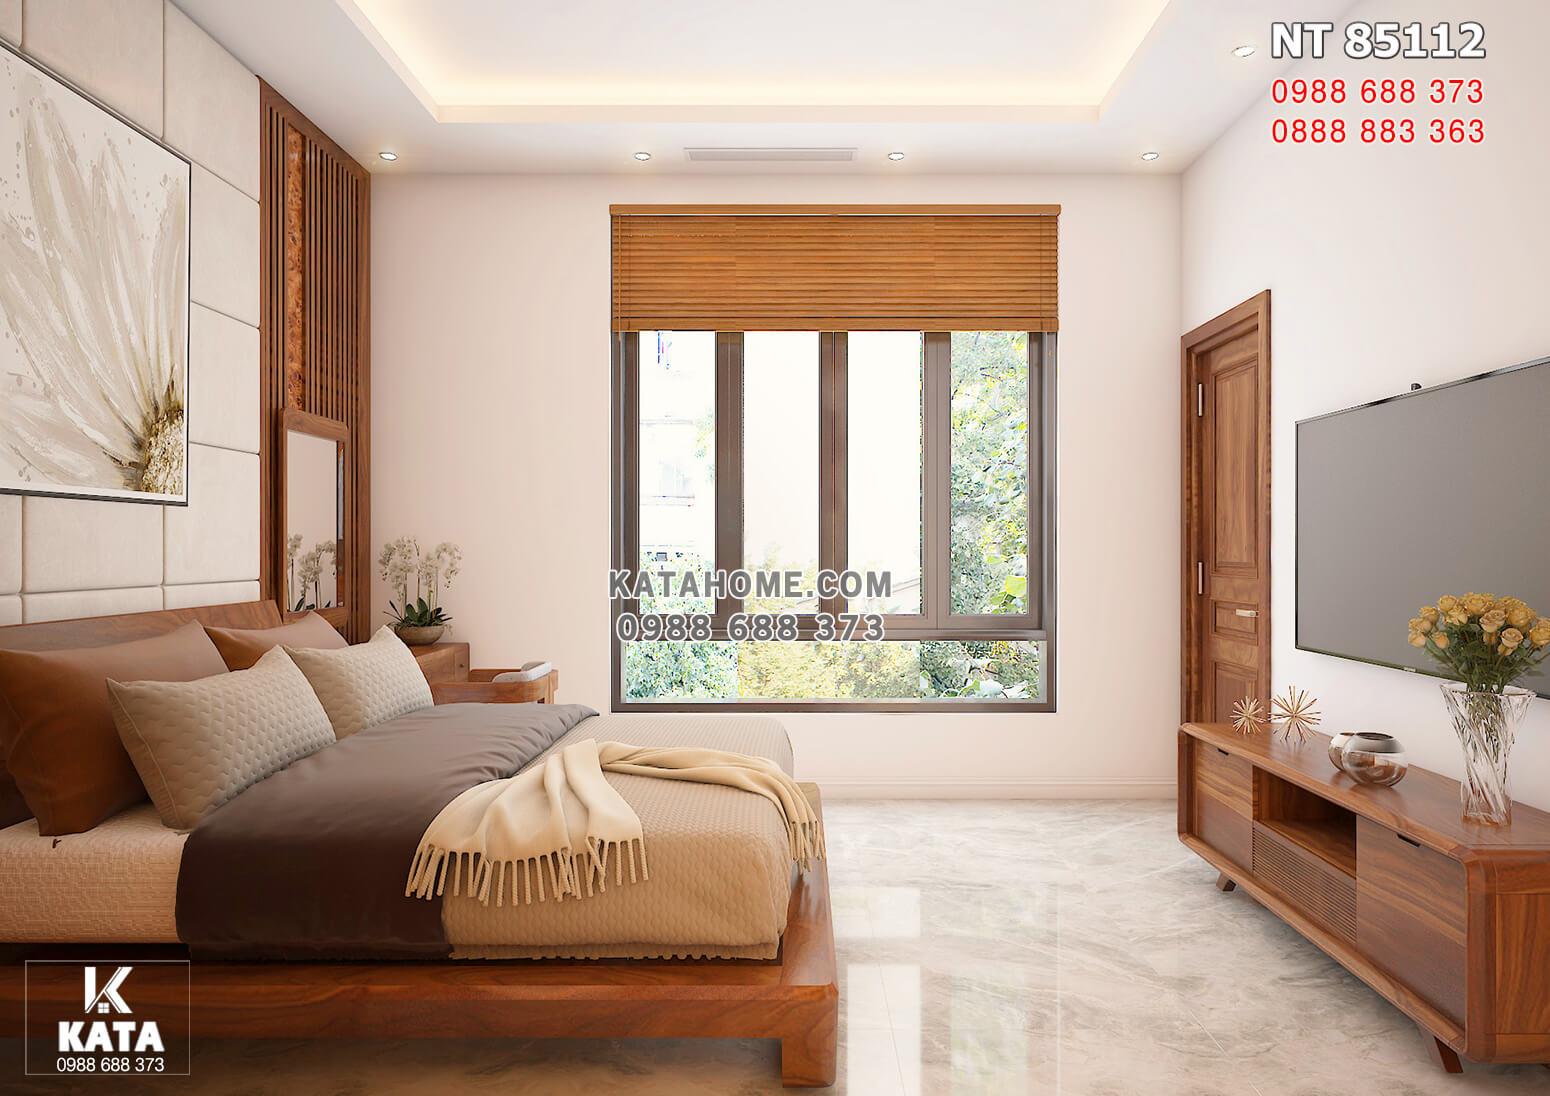 Hình ảnh: Nội thất gỗ óc cho cho không gian phòng ngủ 2